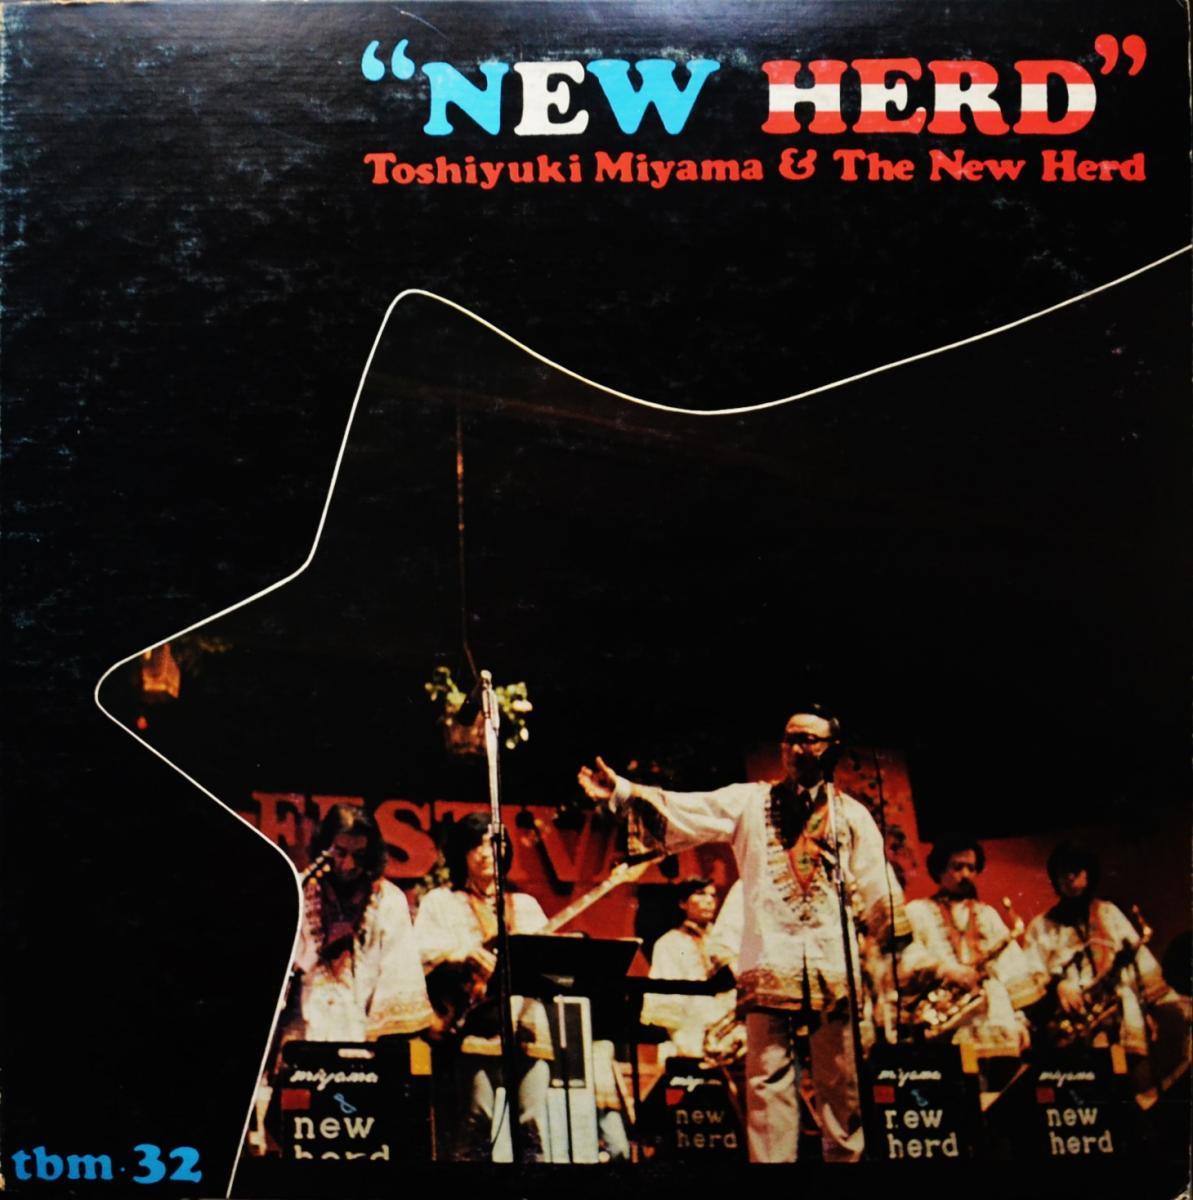 Toshiyuki Miyama & The New Herd - Live! New Herd